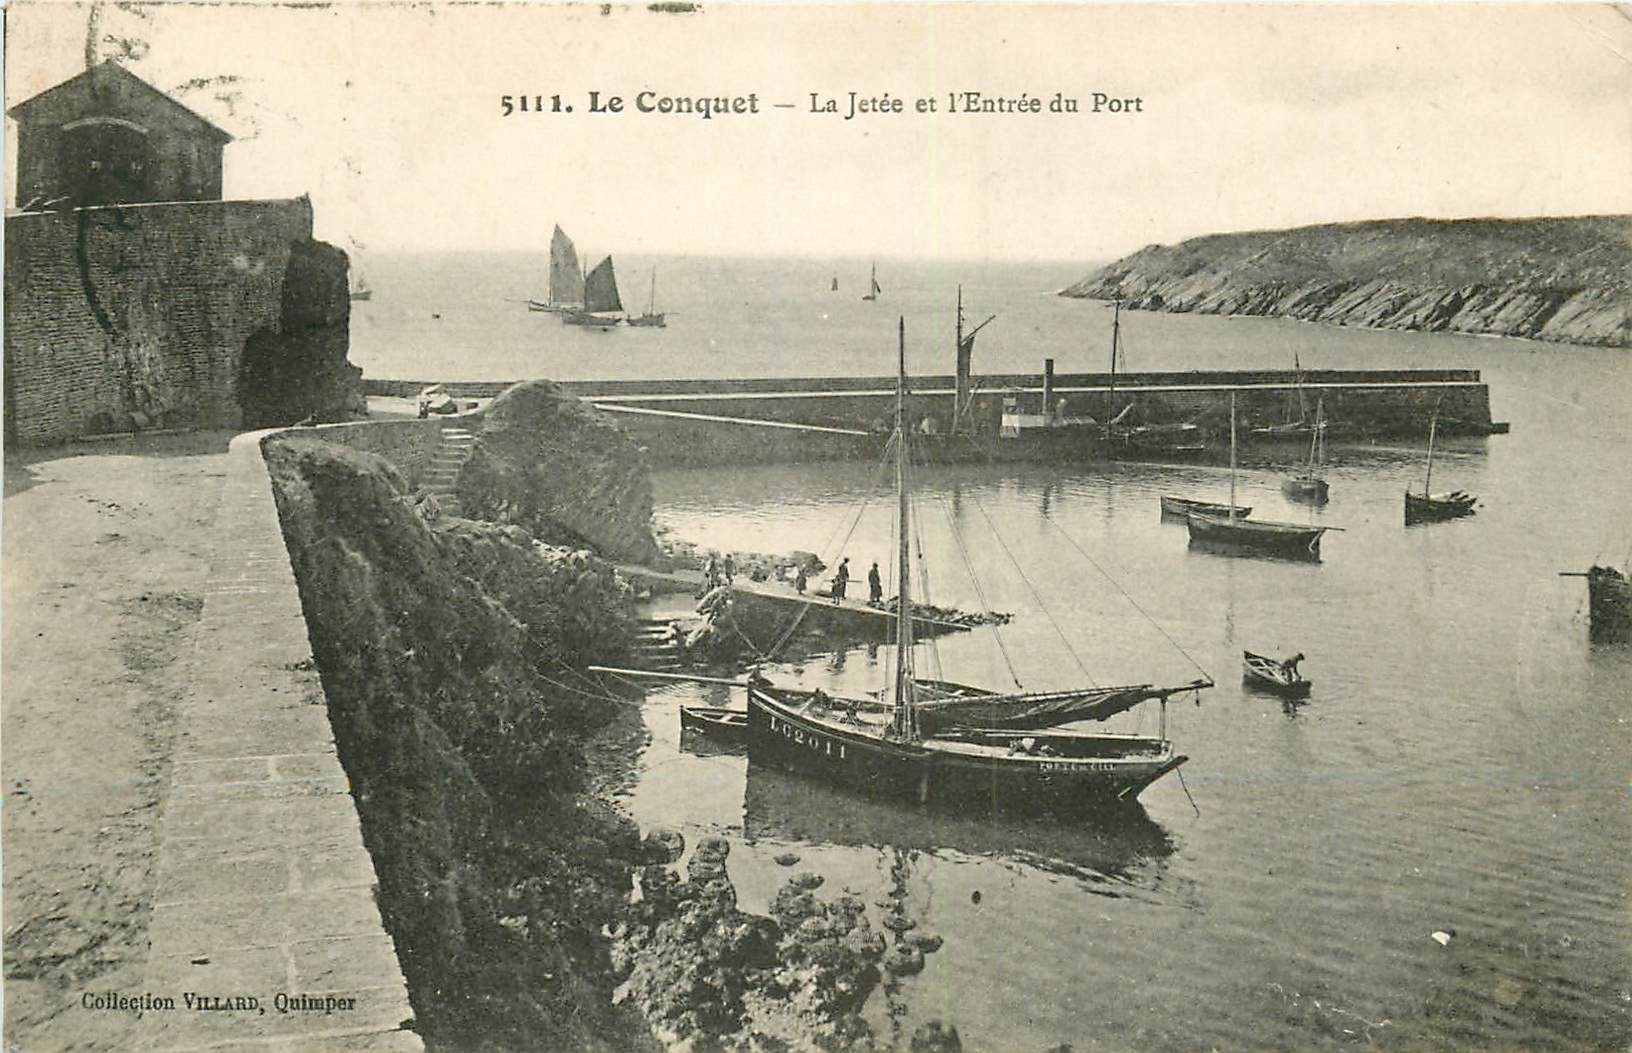 WW 29 LE CONQUET. La Jetée et Barques de Pêcheurs à l'Entrée du Port 1922